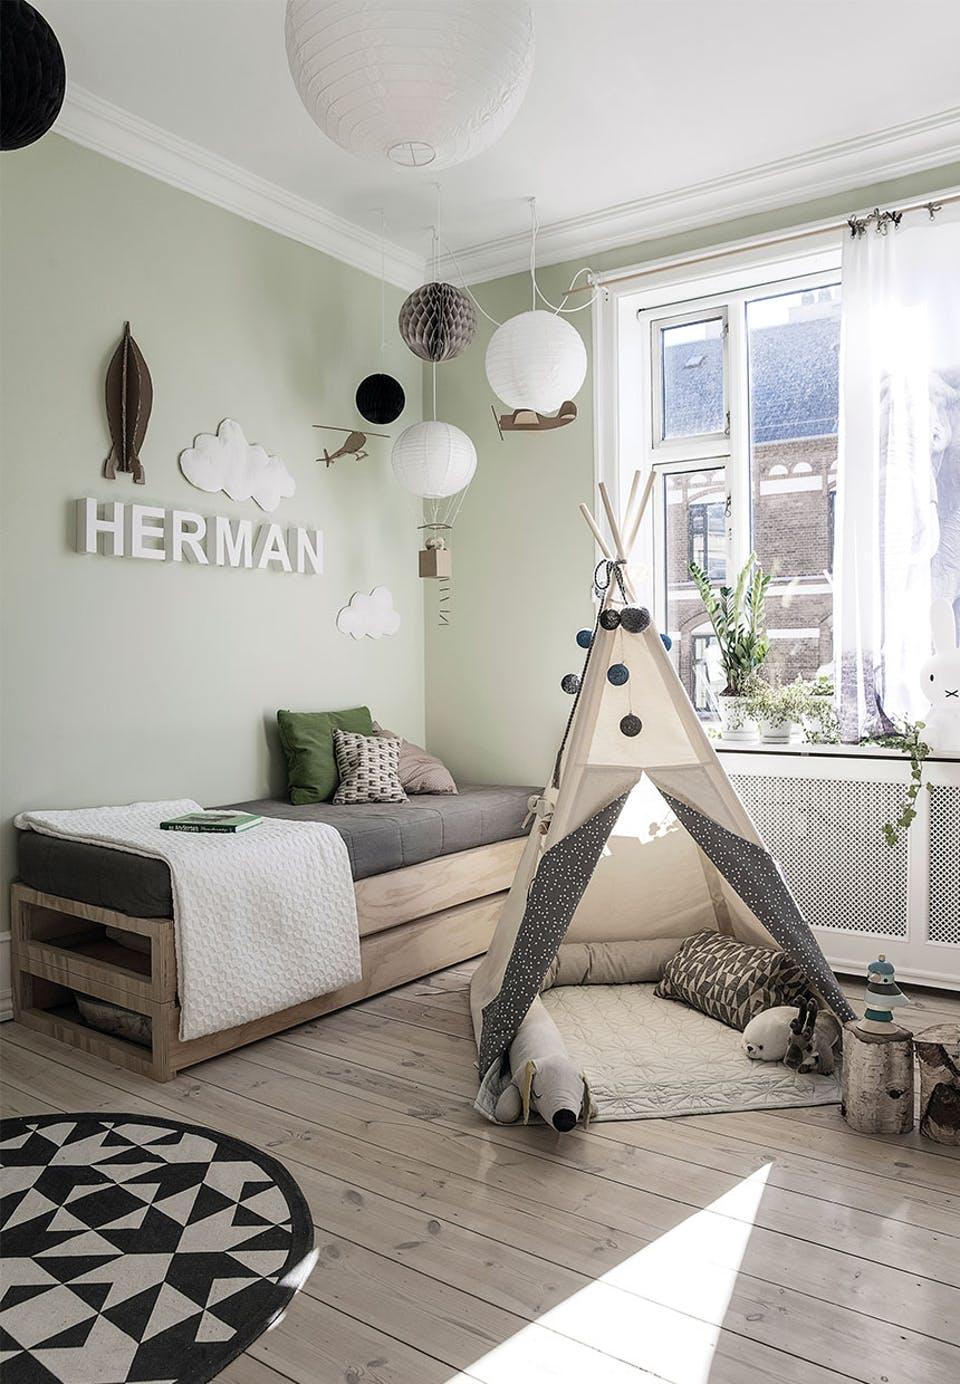 Avontuurlijke kinderkamer van Herman